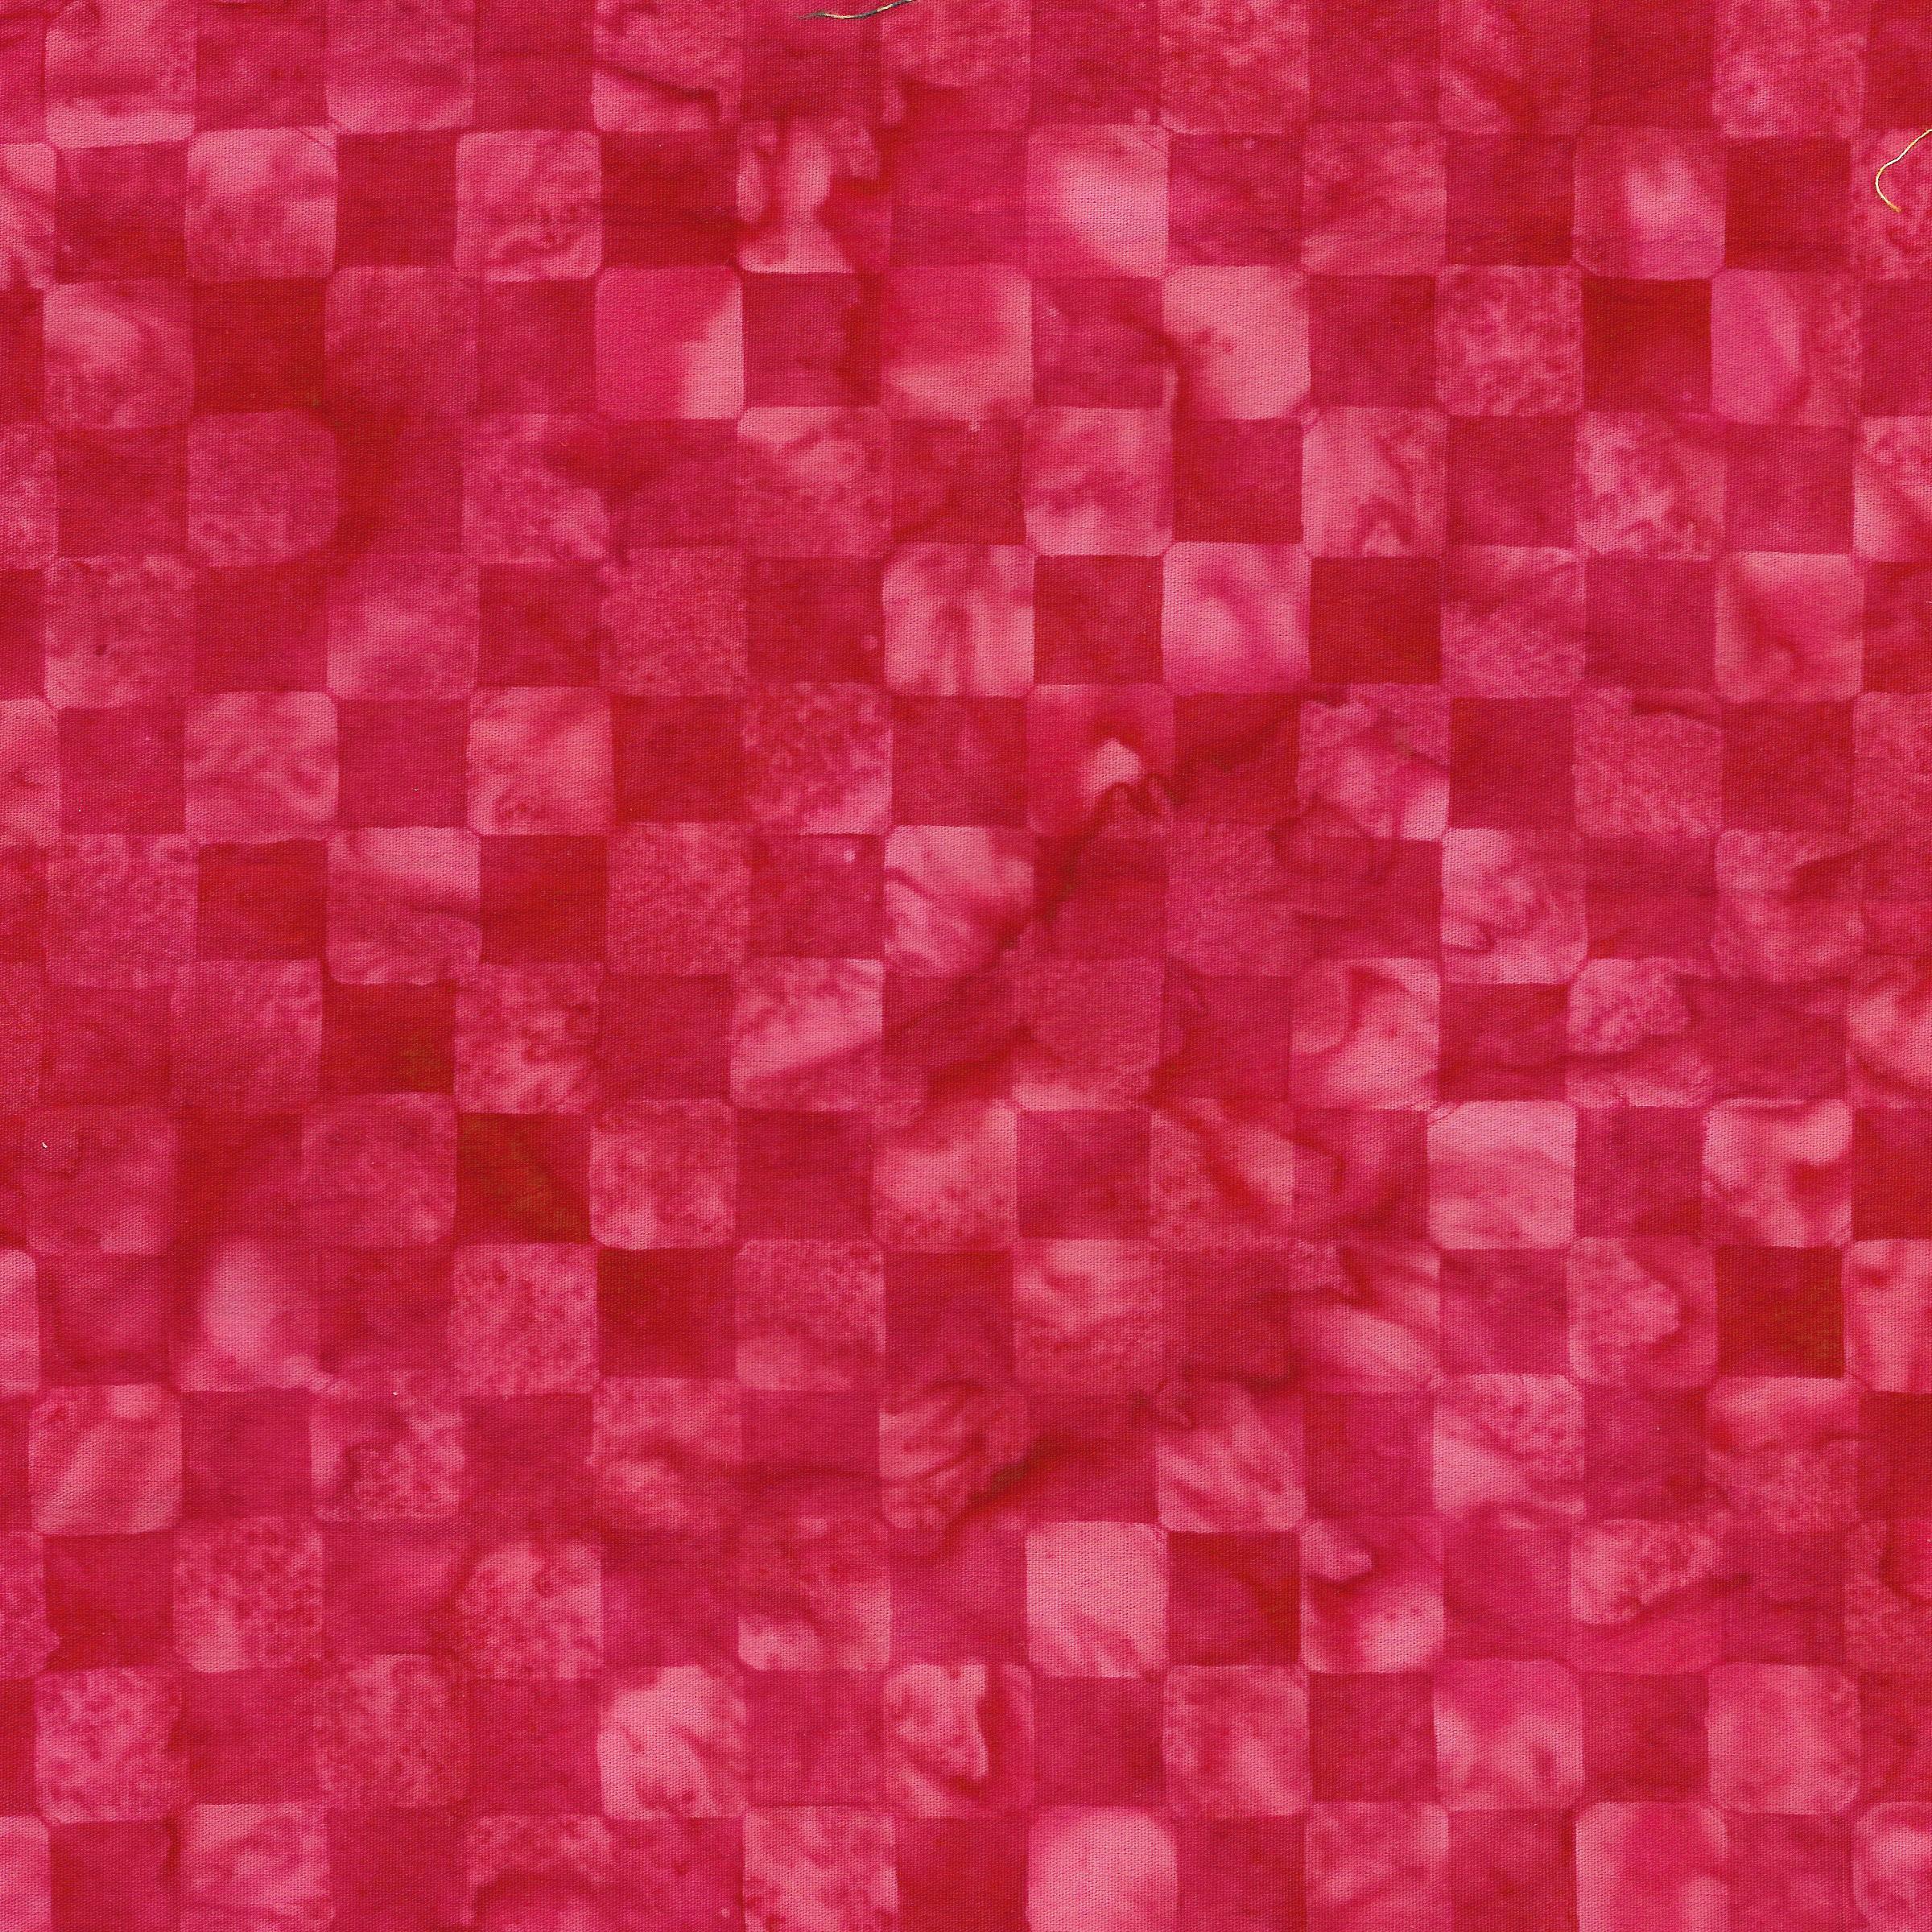 121809325 / Check -Hot Pink